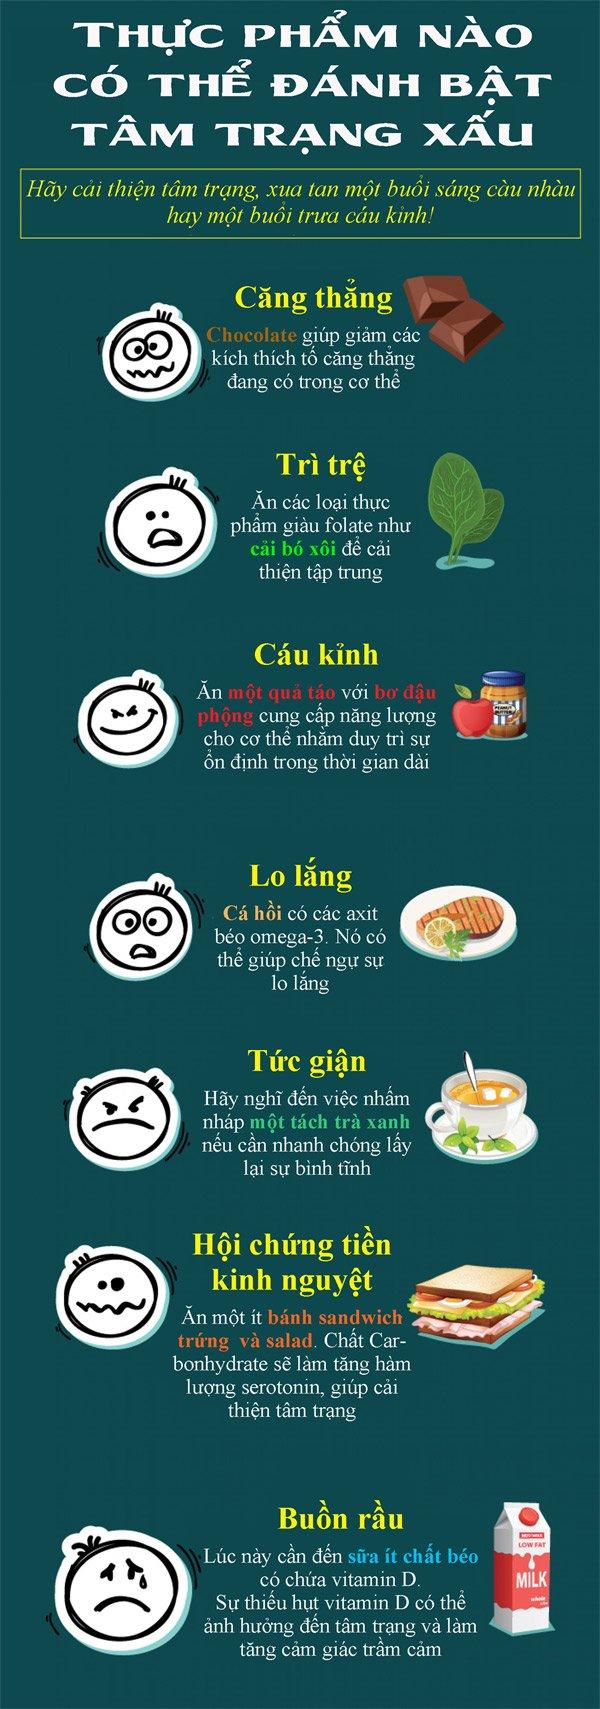 Những thực phẩm giúp giải tỏa tâm trạng xấu